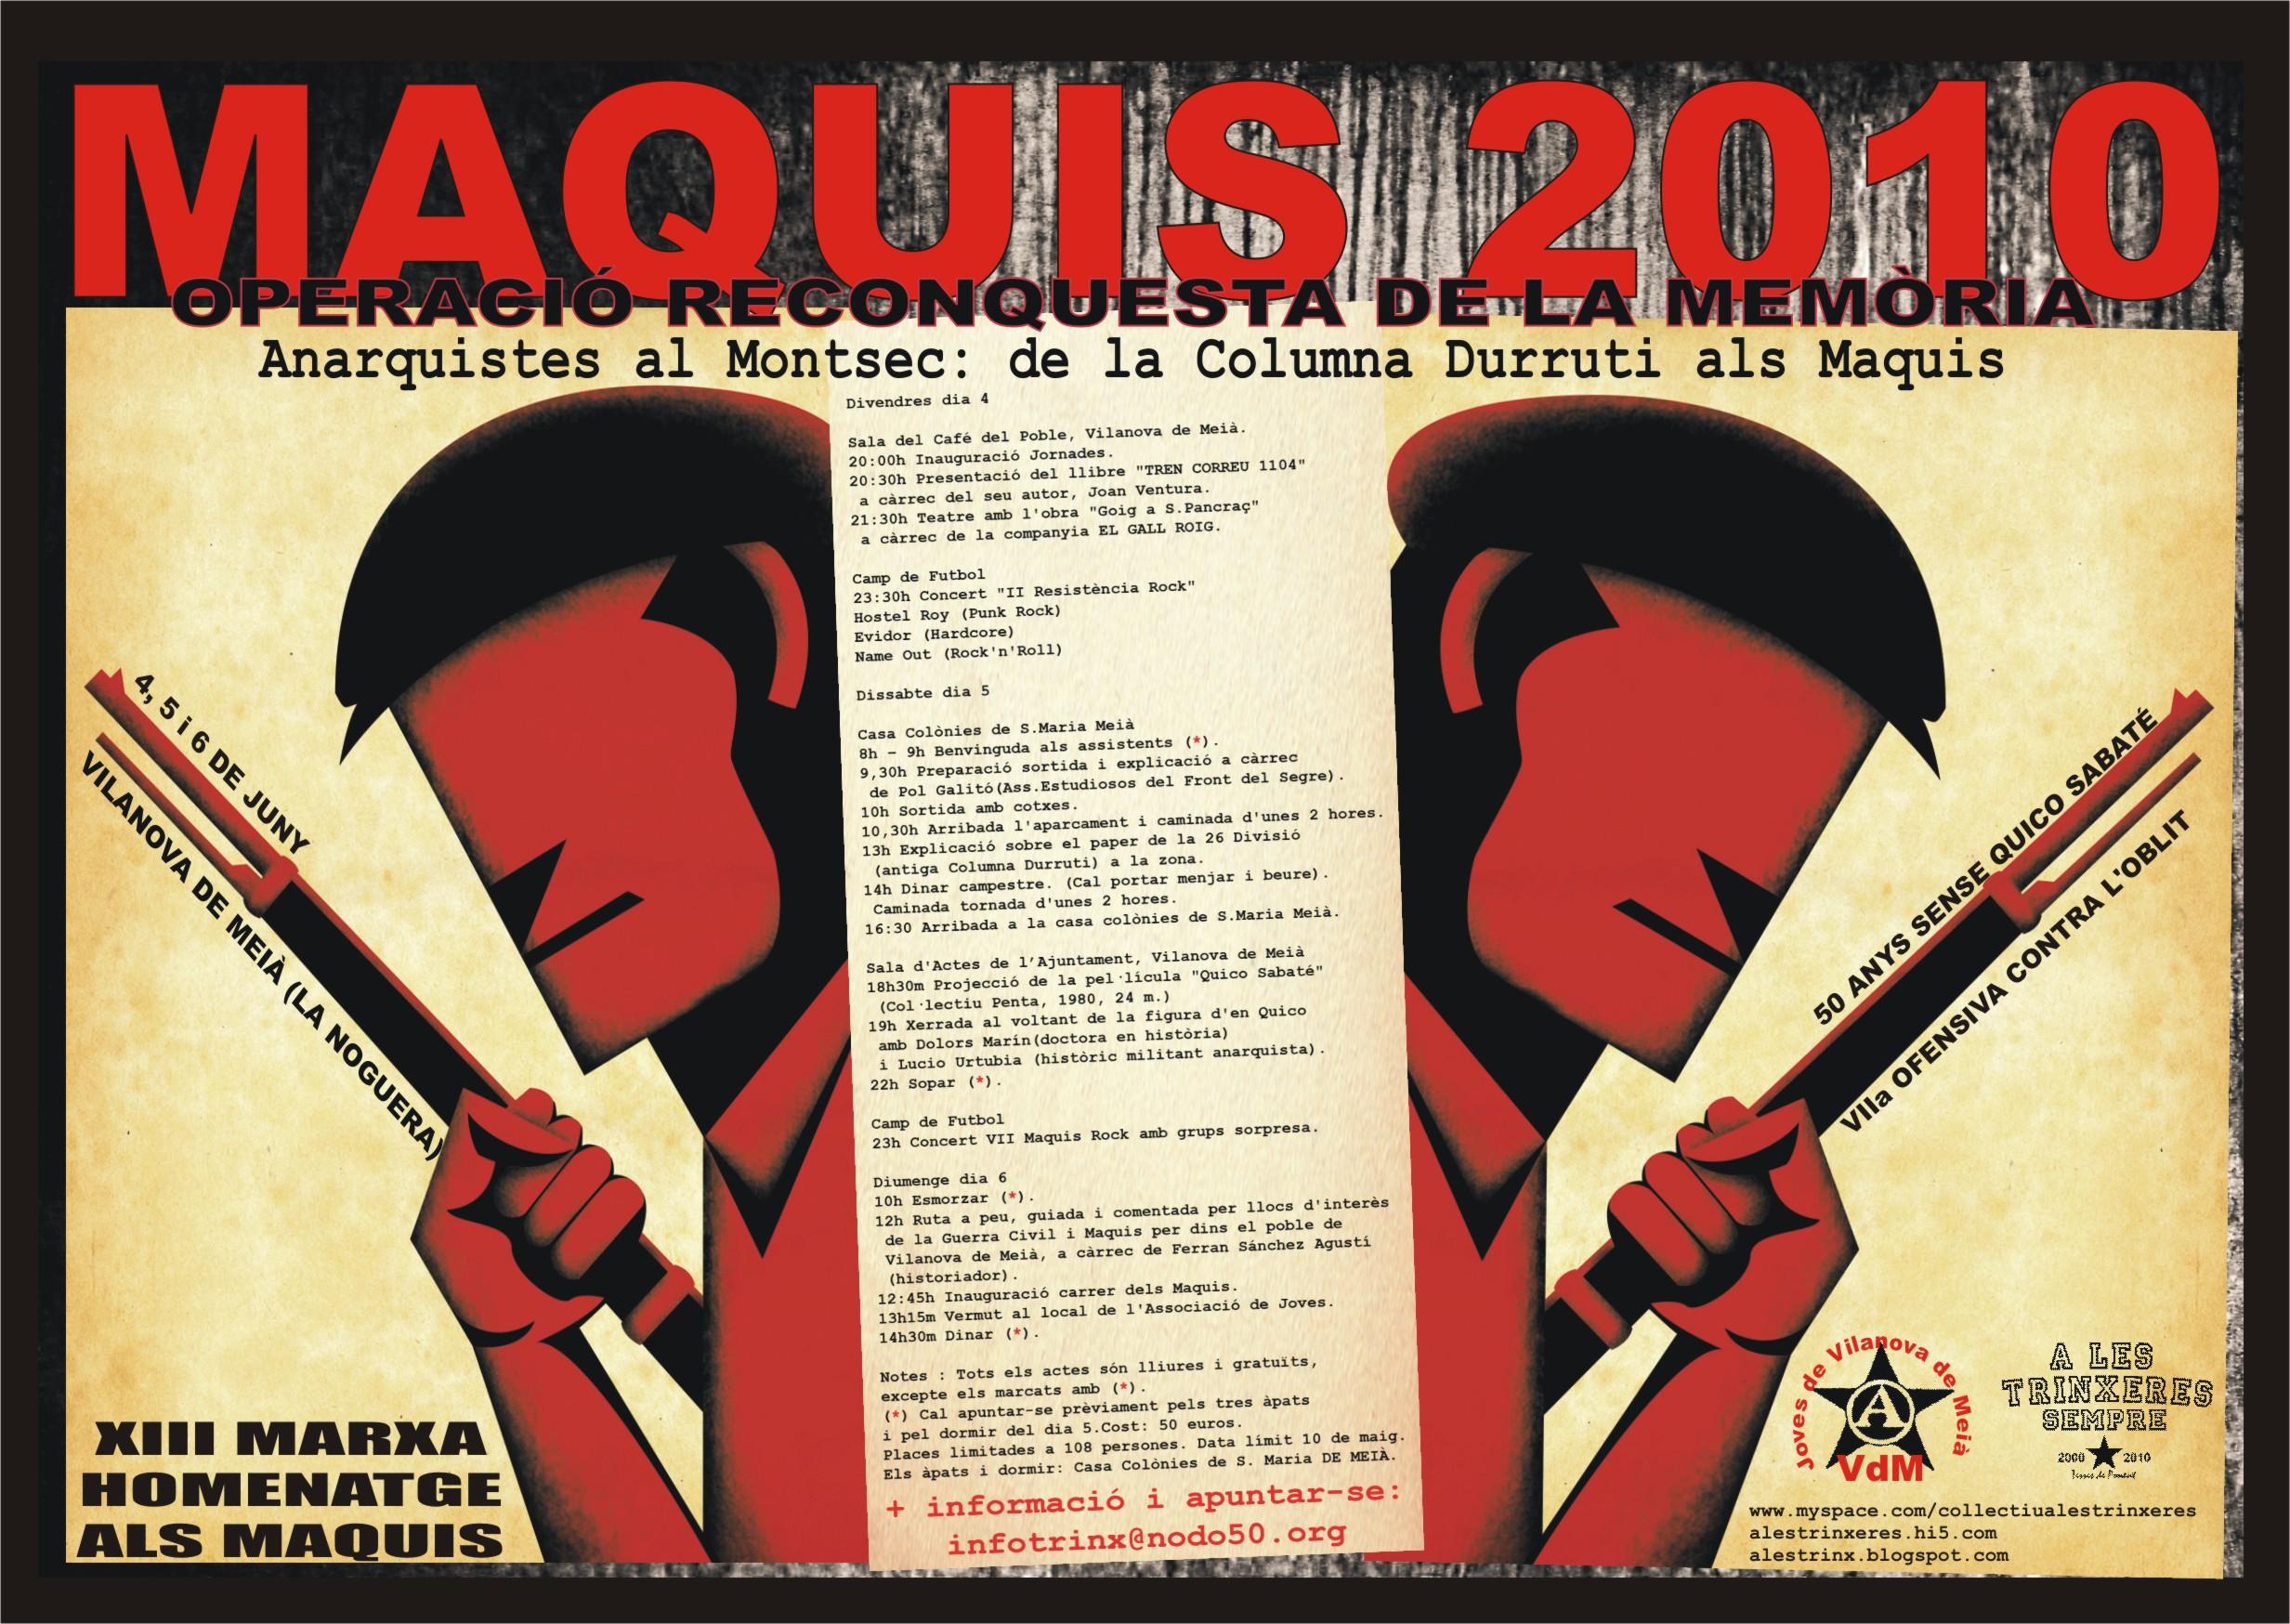 Cartell Maquis 2010